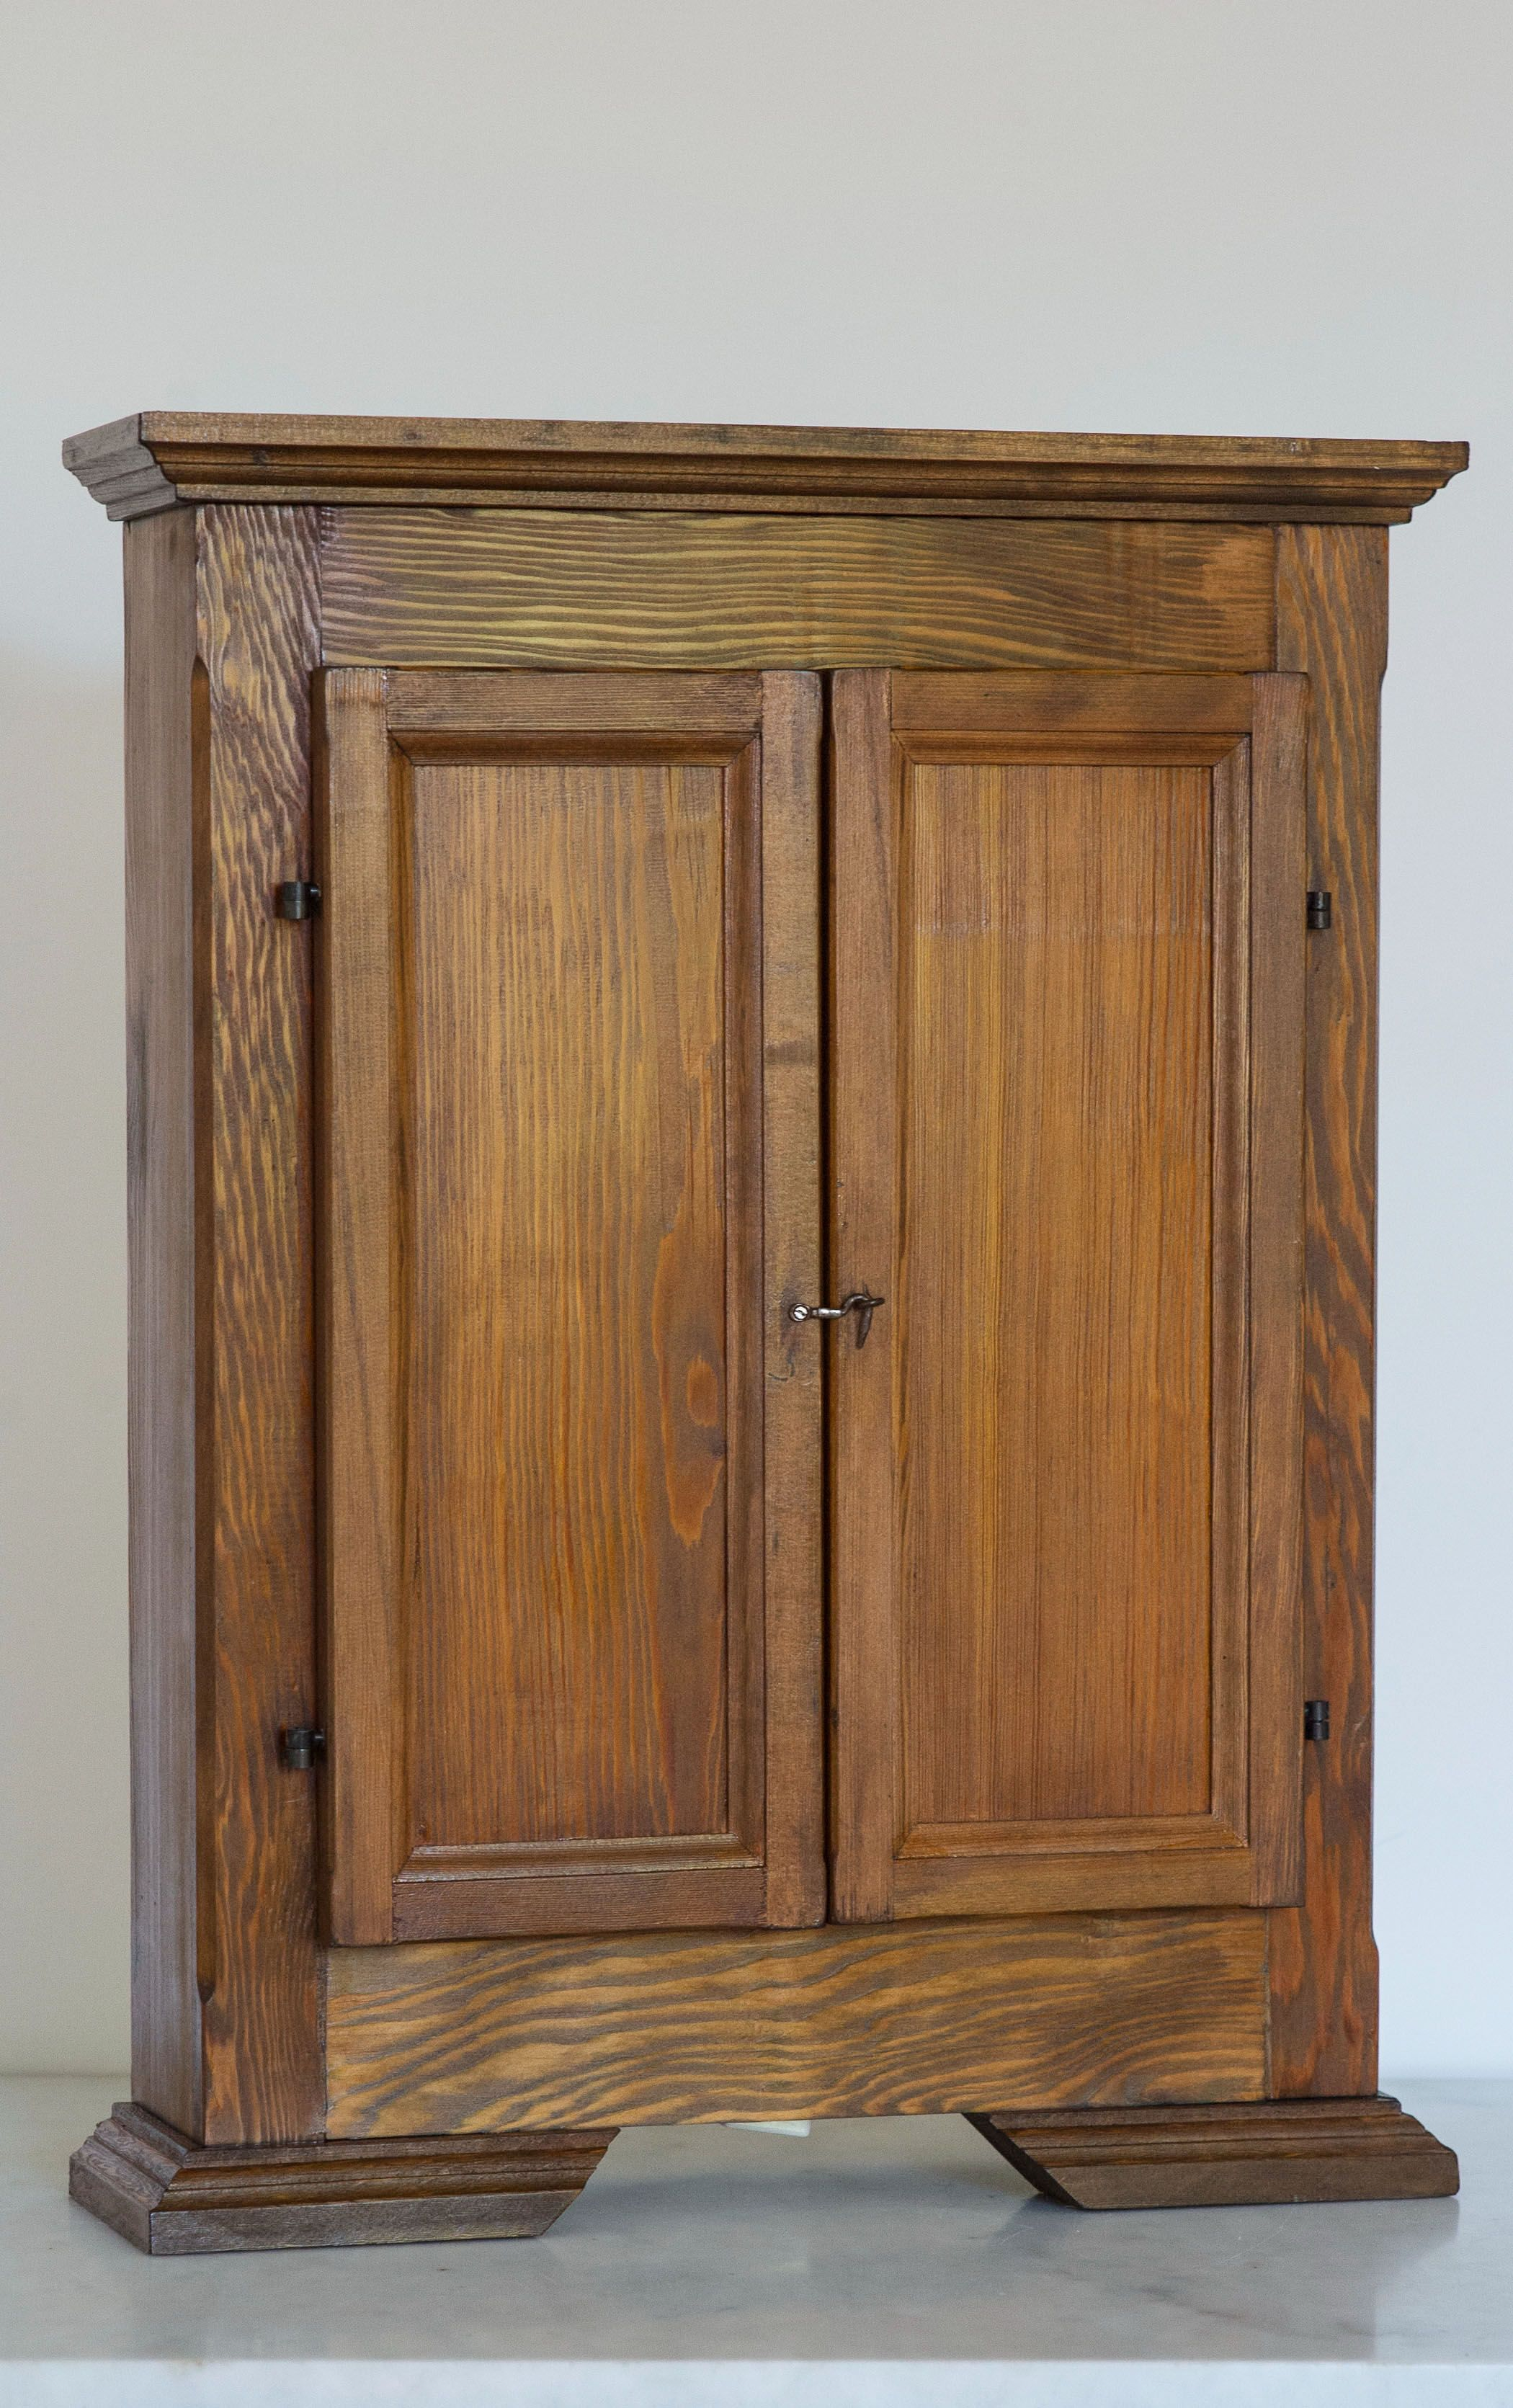 Butsudan ALUDRA Butsudan realizzato artigianalmente in legno ...